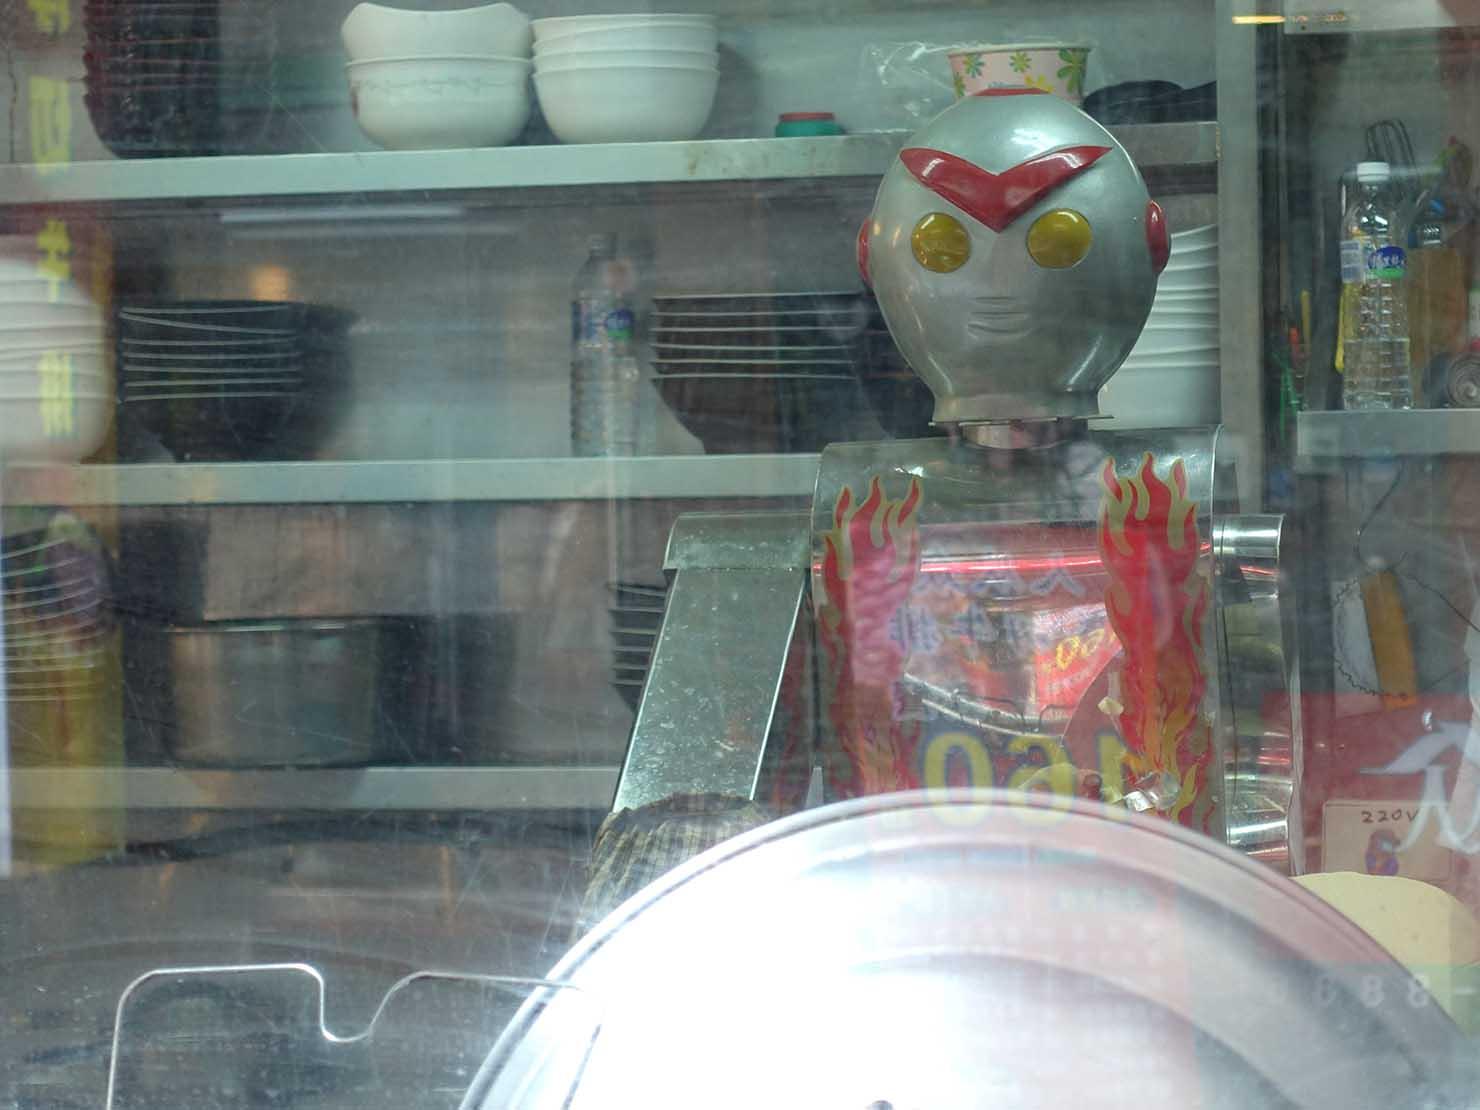 台北・永康街のおすすめグルメ店「永康刀削麵」の刀削麵ロボット